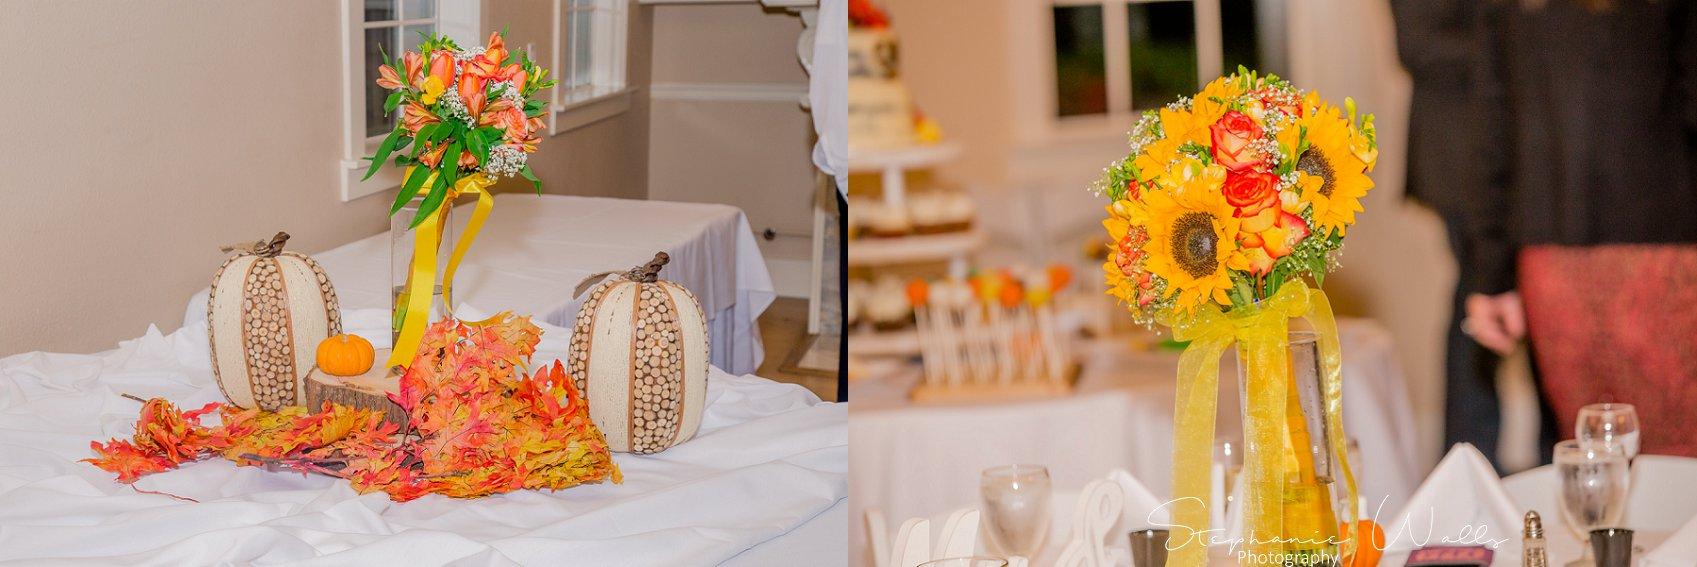 Olson Details 113 KK & Zack | Hollywood Schoolhouse Wedding | Woodinville, Wa Wedding Photographer